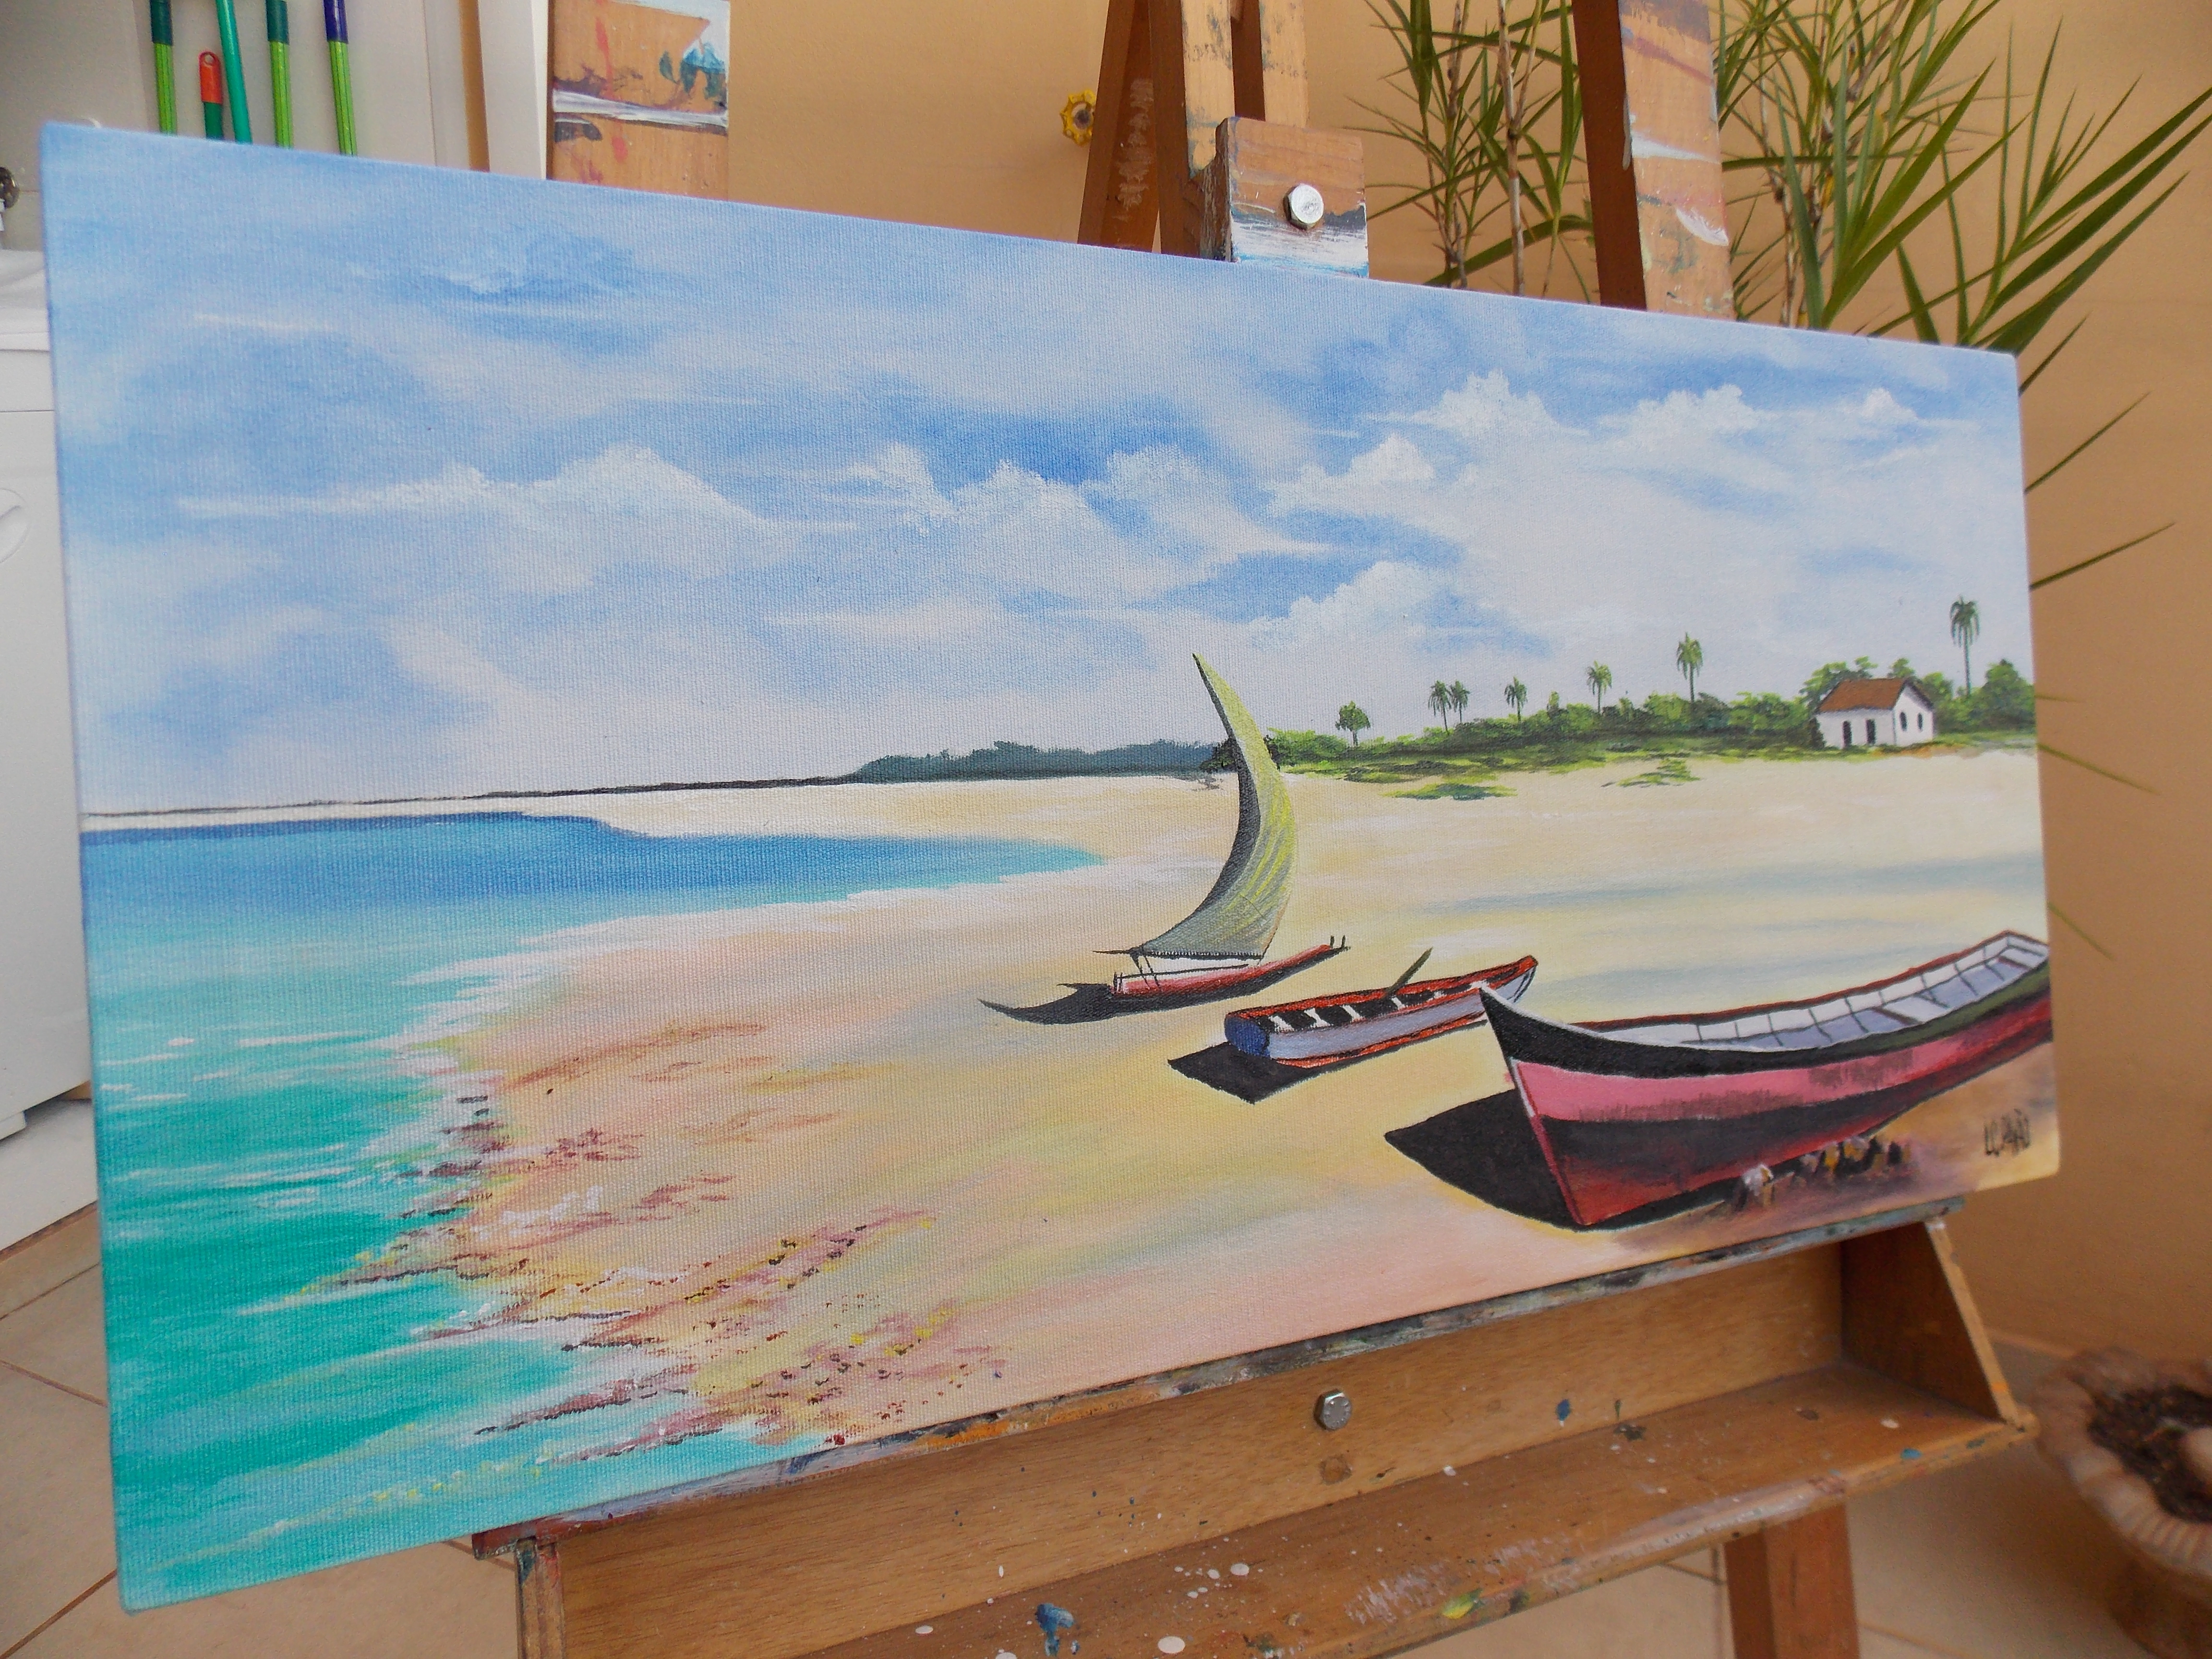 Tela pintura acr lica praia ateli pav o elo7 - Pintura acrilica pared ...